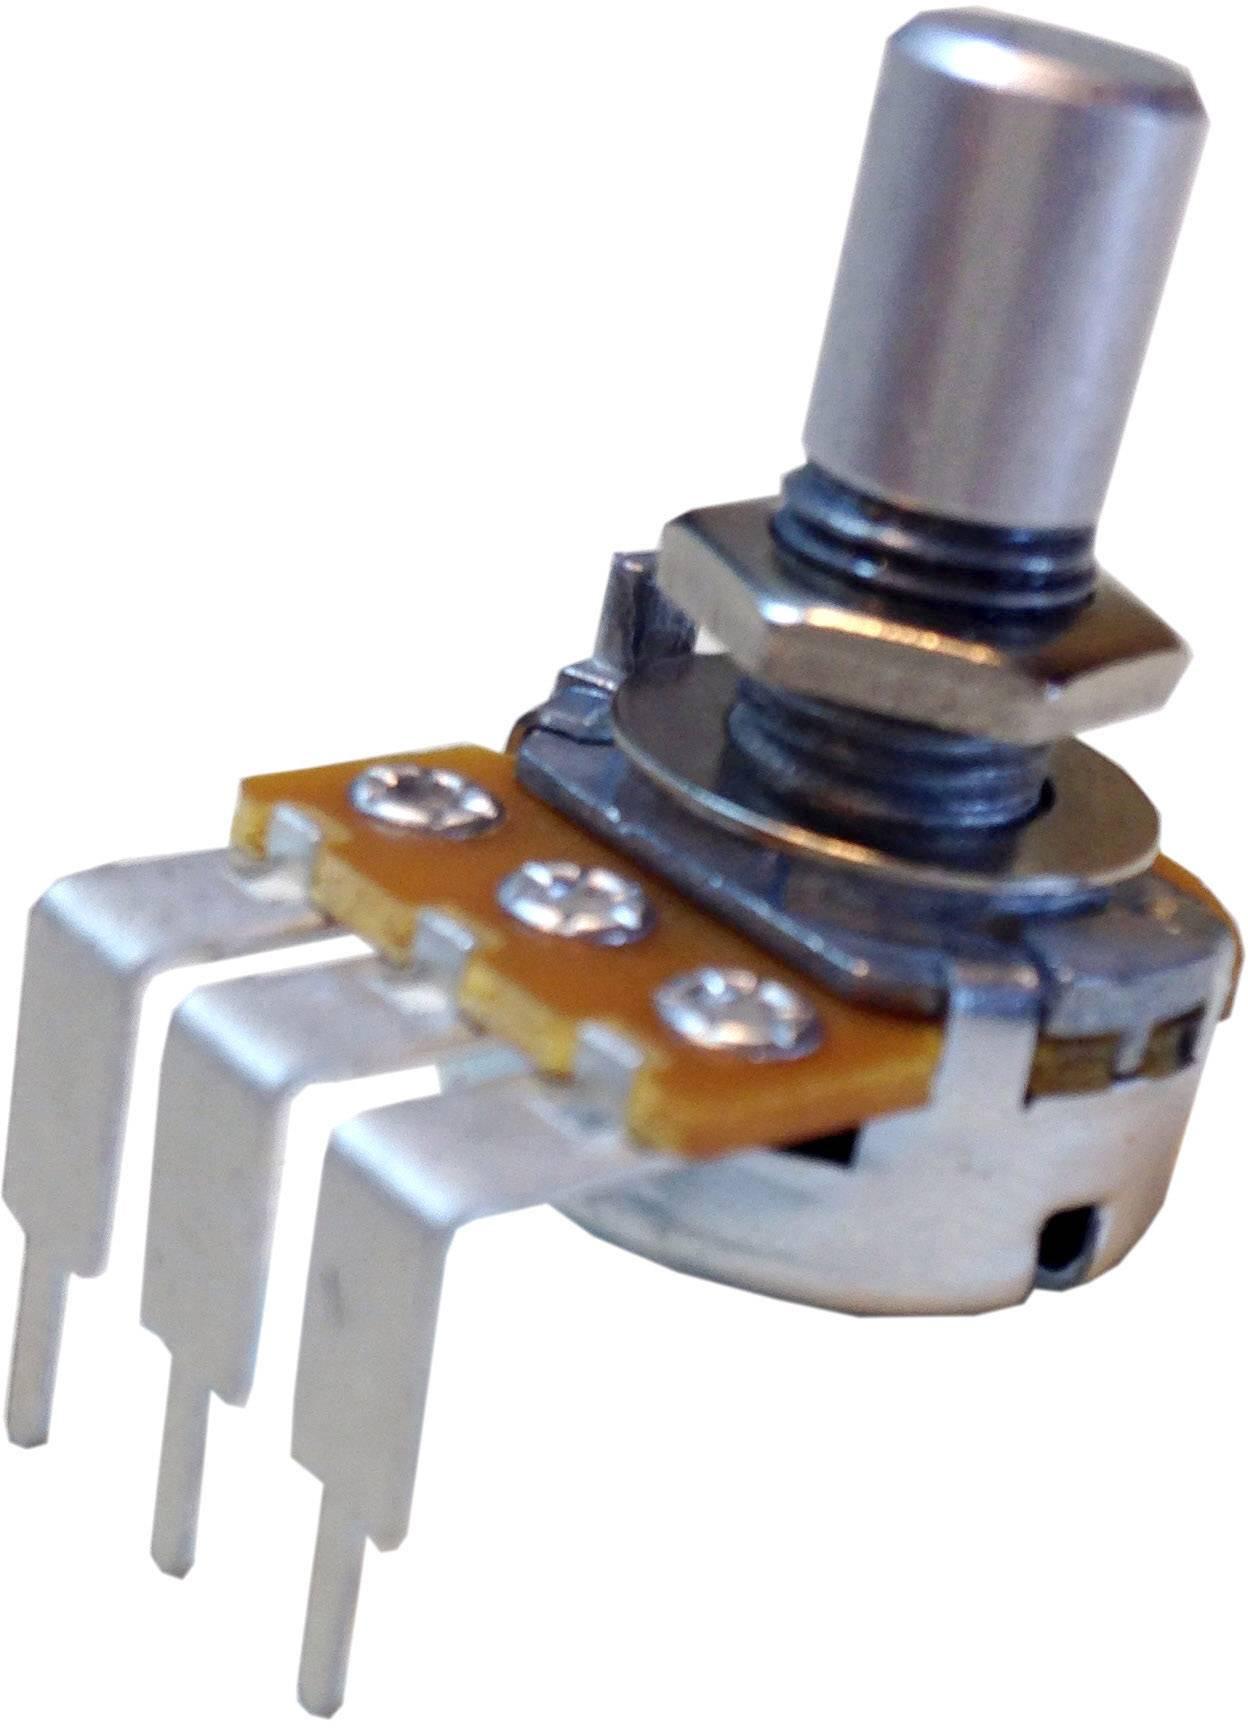 Otočný potenciometer mono Potentiometer Service RV16AF-41-15R1-A50k RV16AF-41-15R1-A50k, 0.5 W, 50 kOhm, 1 ks